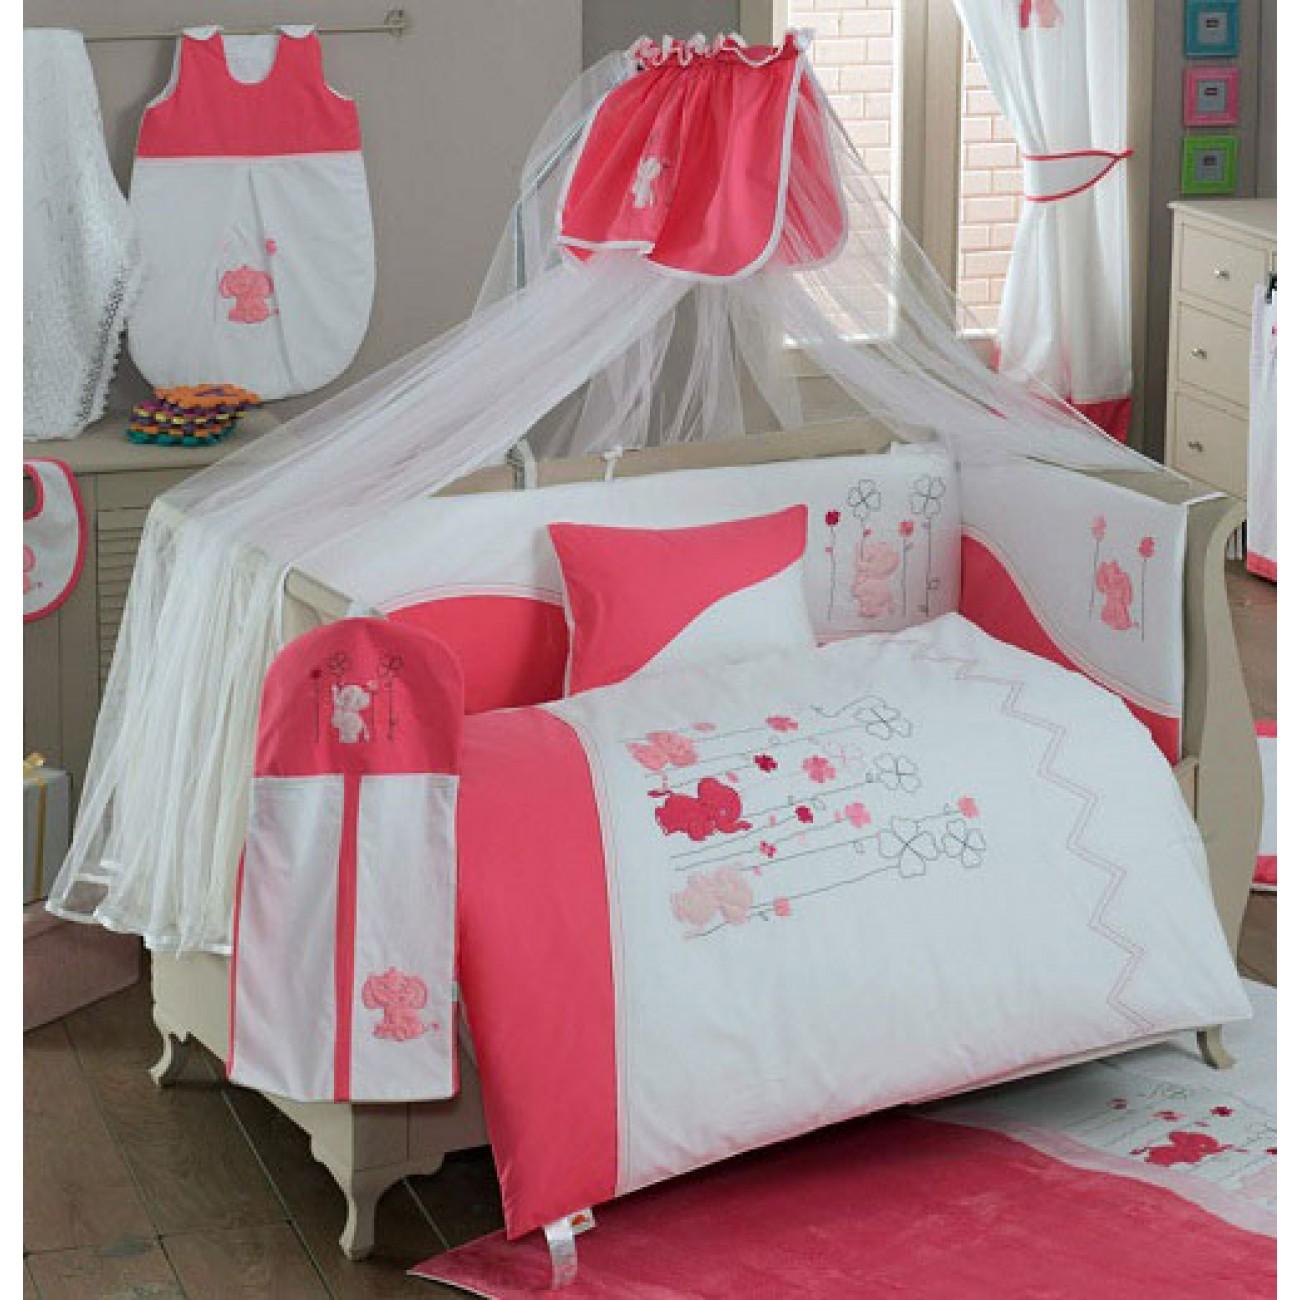 Балдахин серии Elephant 150 х 450 см, PinkДетское постельное белье<br>Балдахин серии Elephant 150 х 450 см, Pink<br>